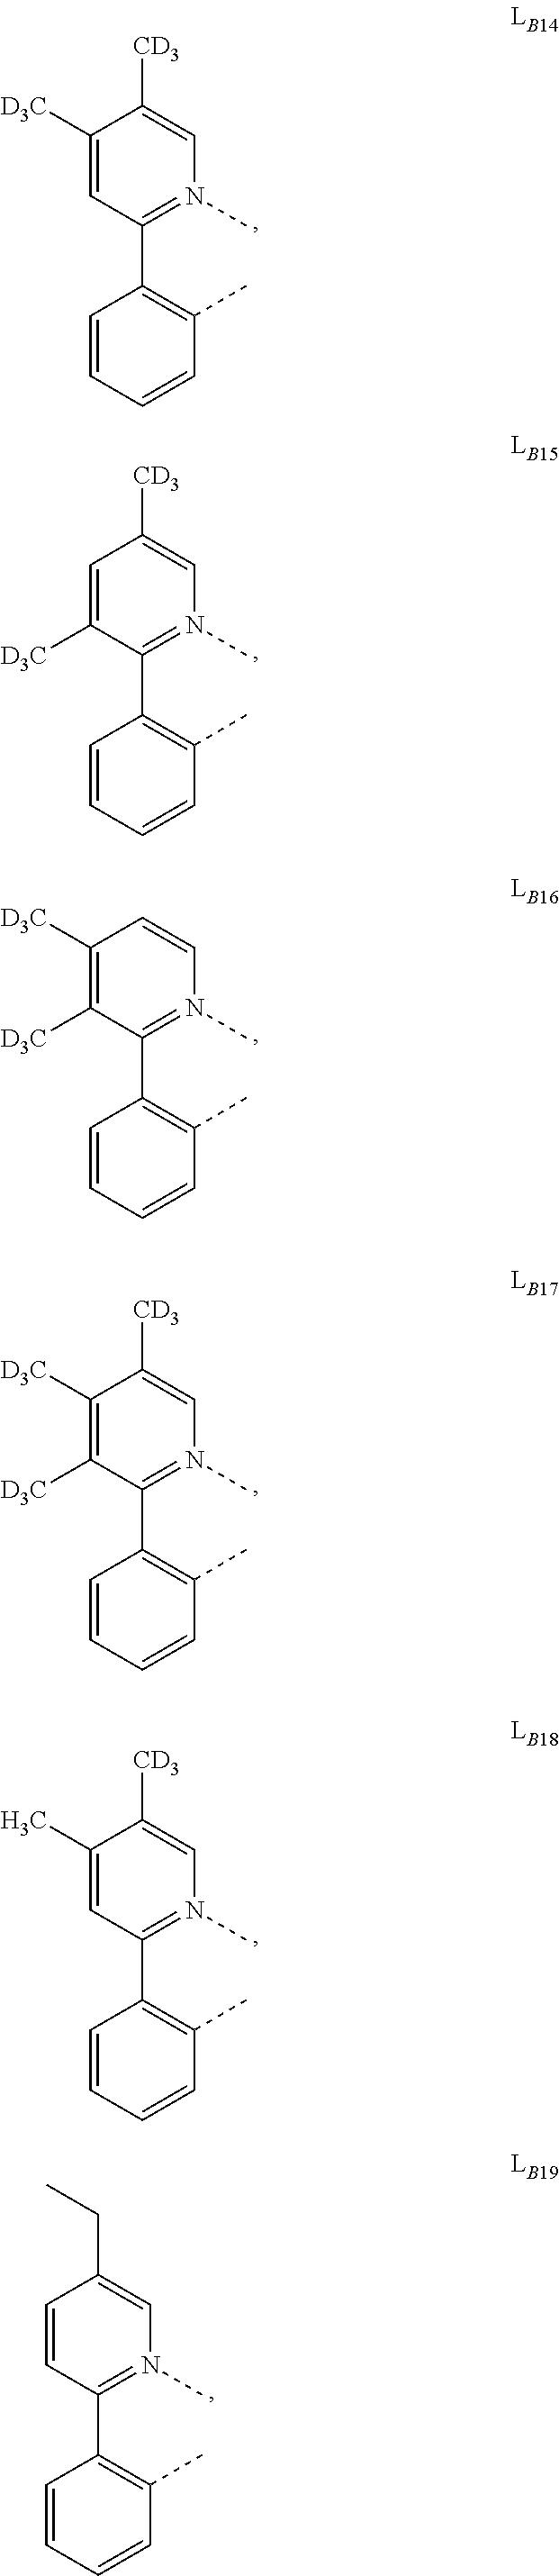 Figure US09691993-20170627-C00297